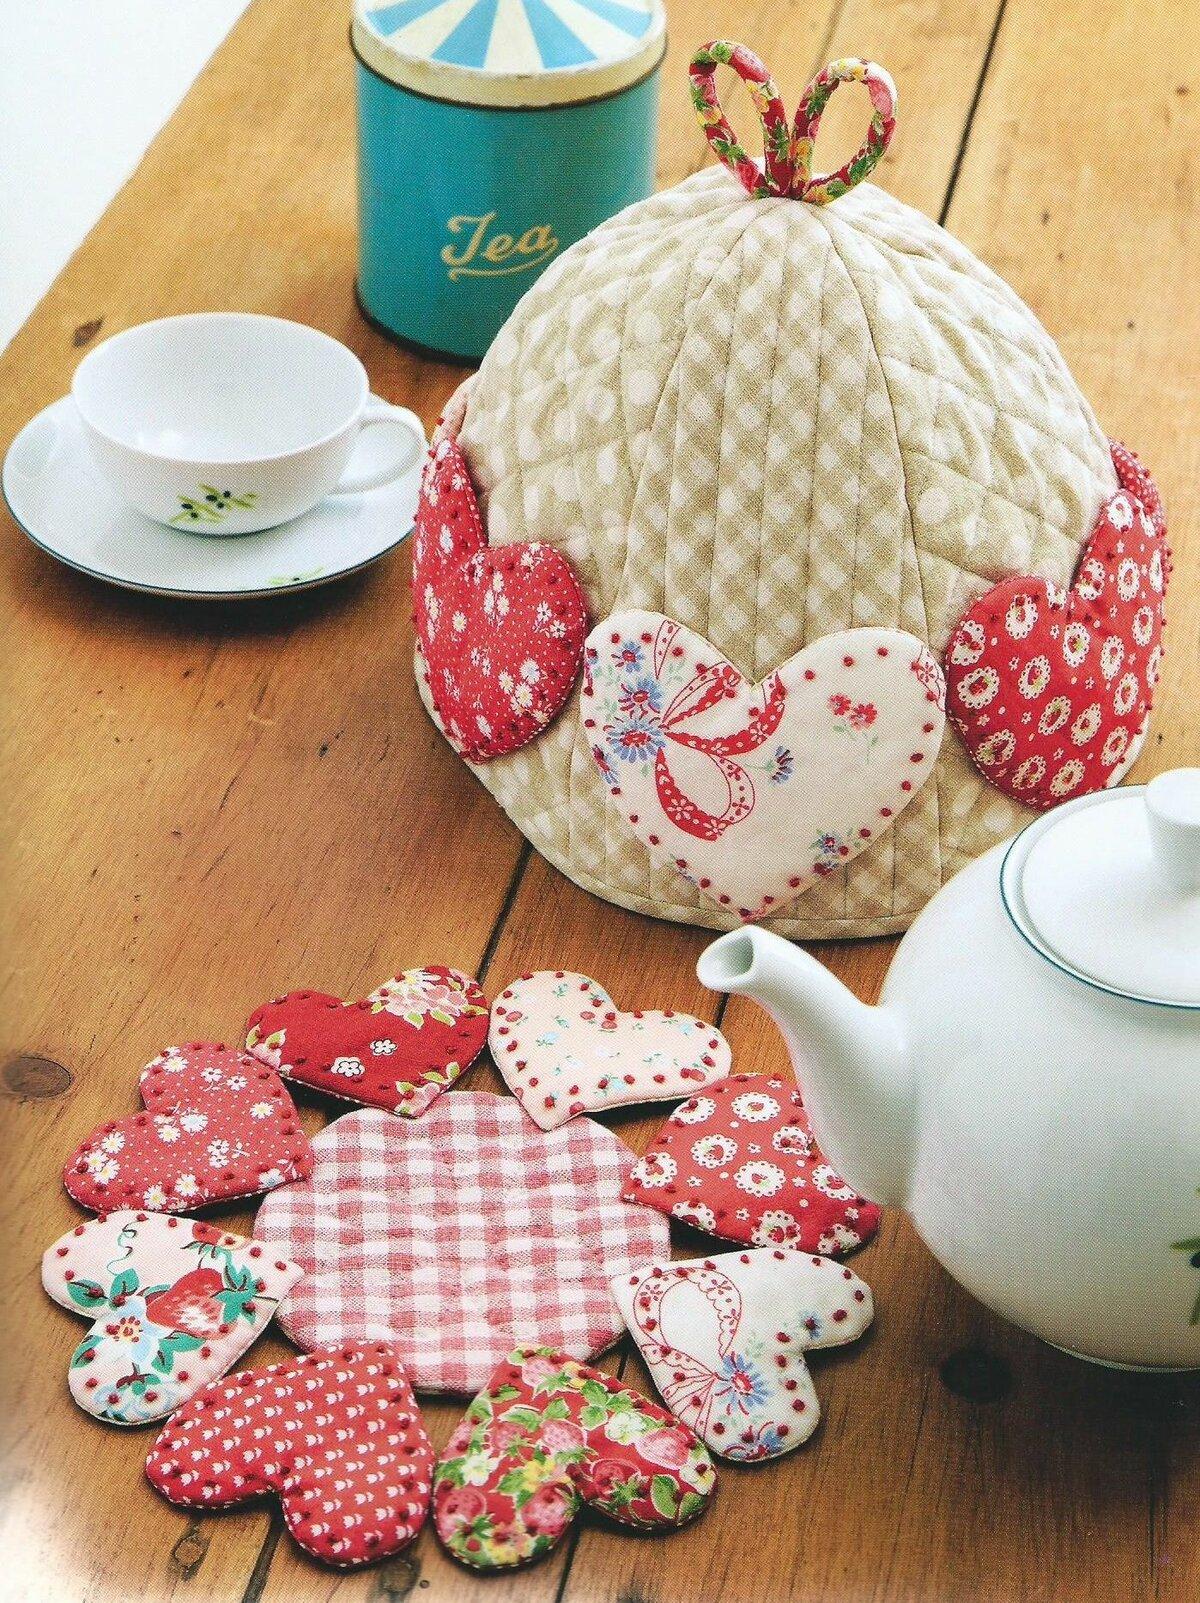 тому же, рукоделие из ткани декор для кухни картинки преимущества